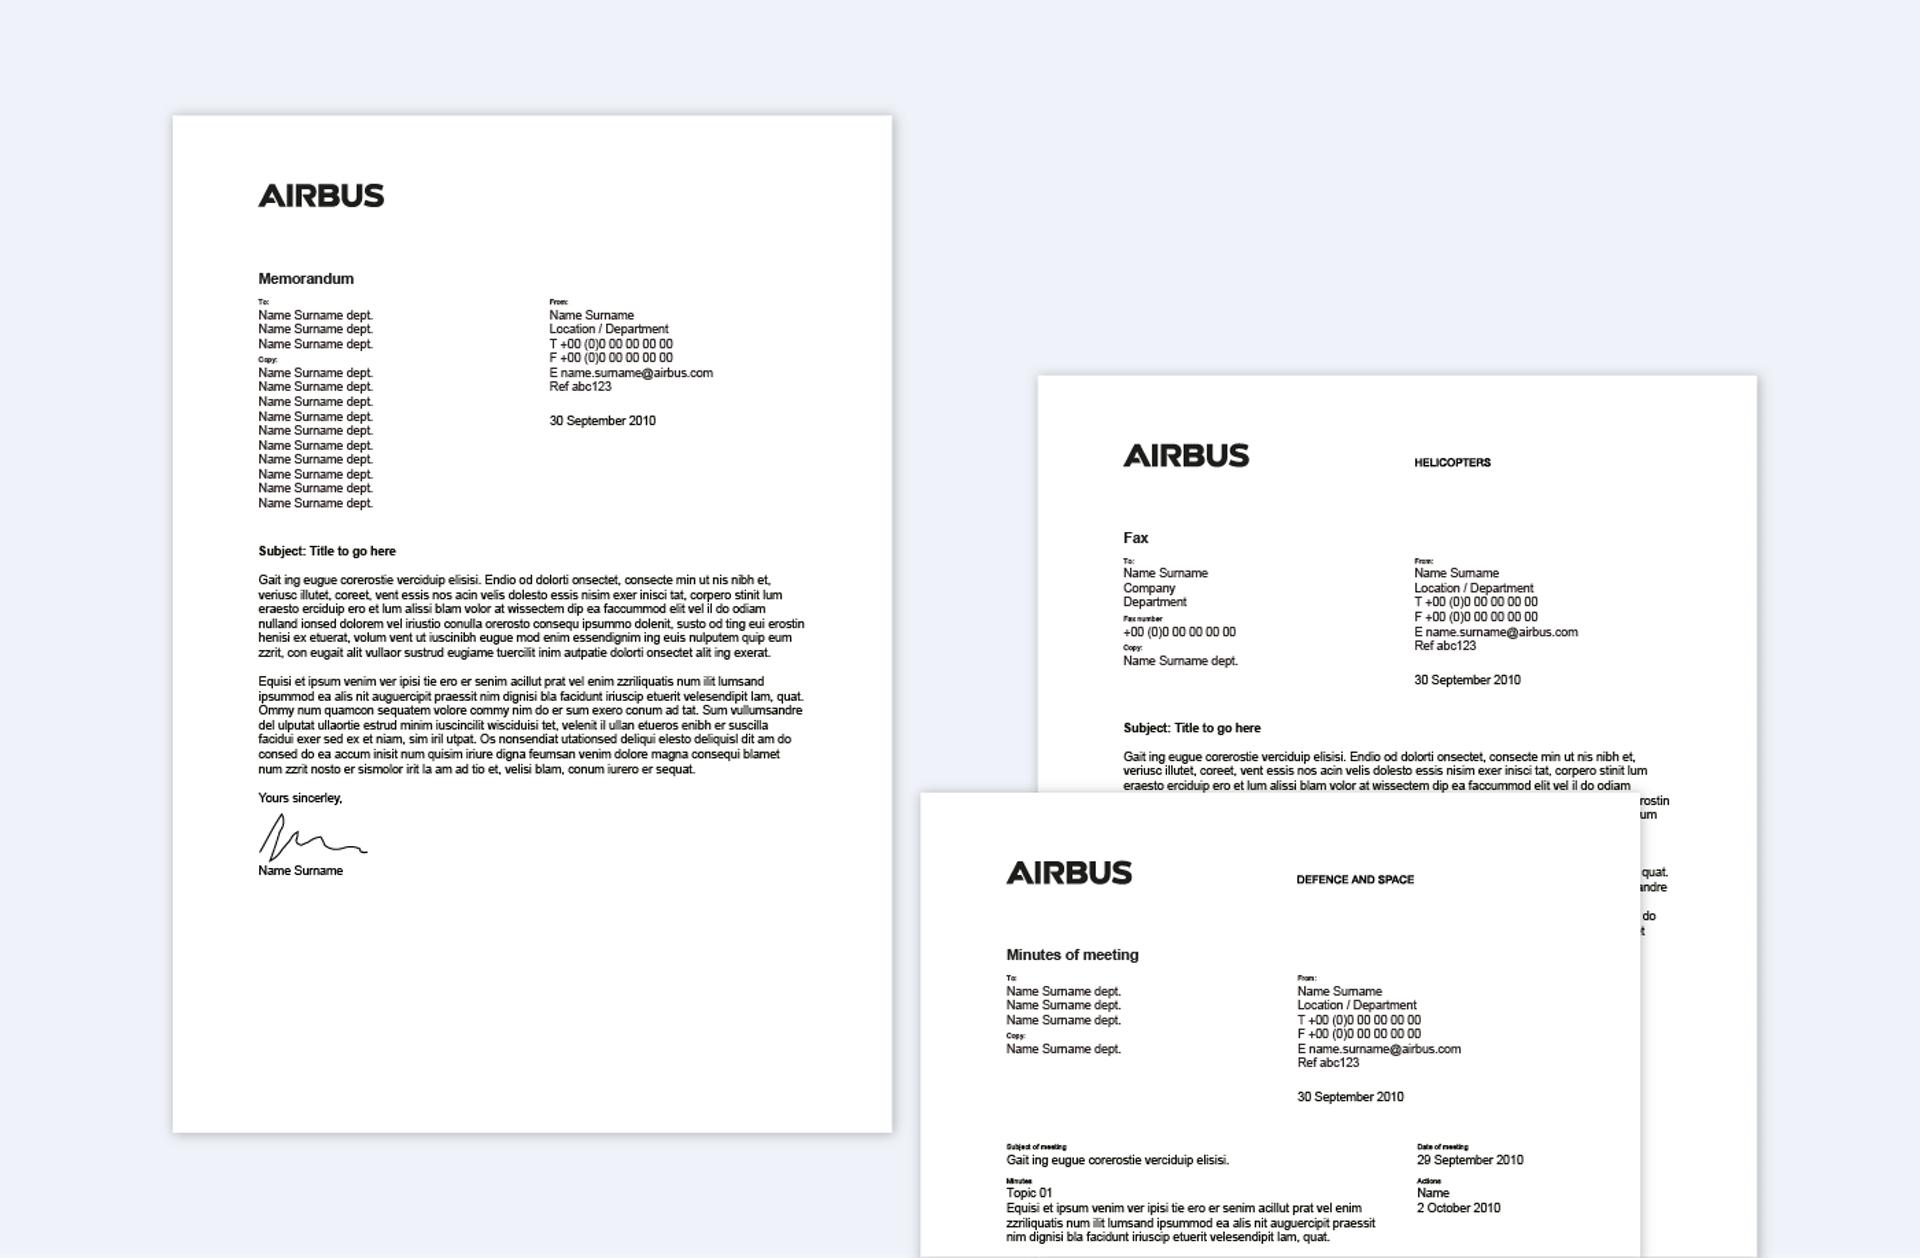 Memo Fax Minutes